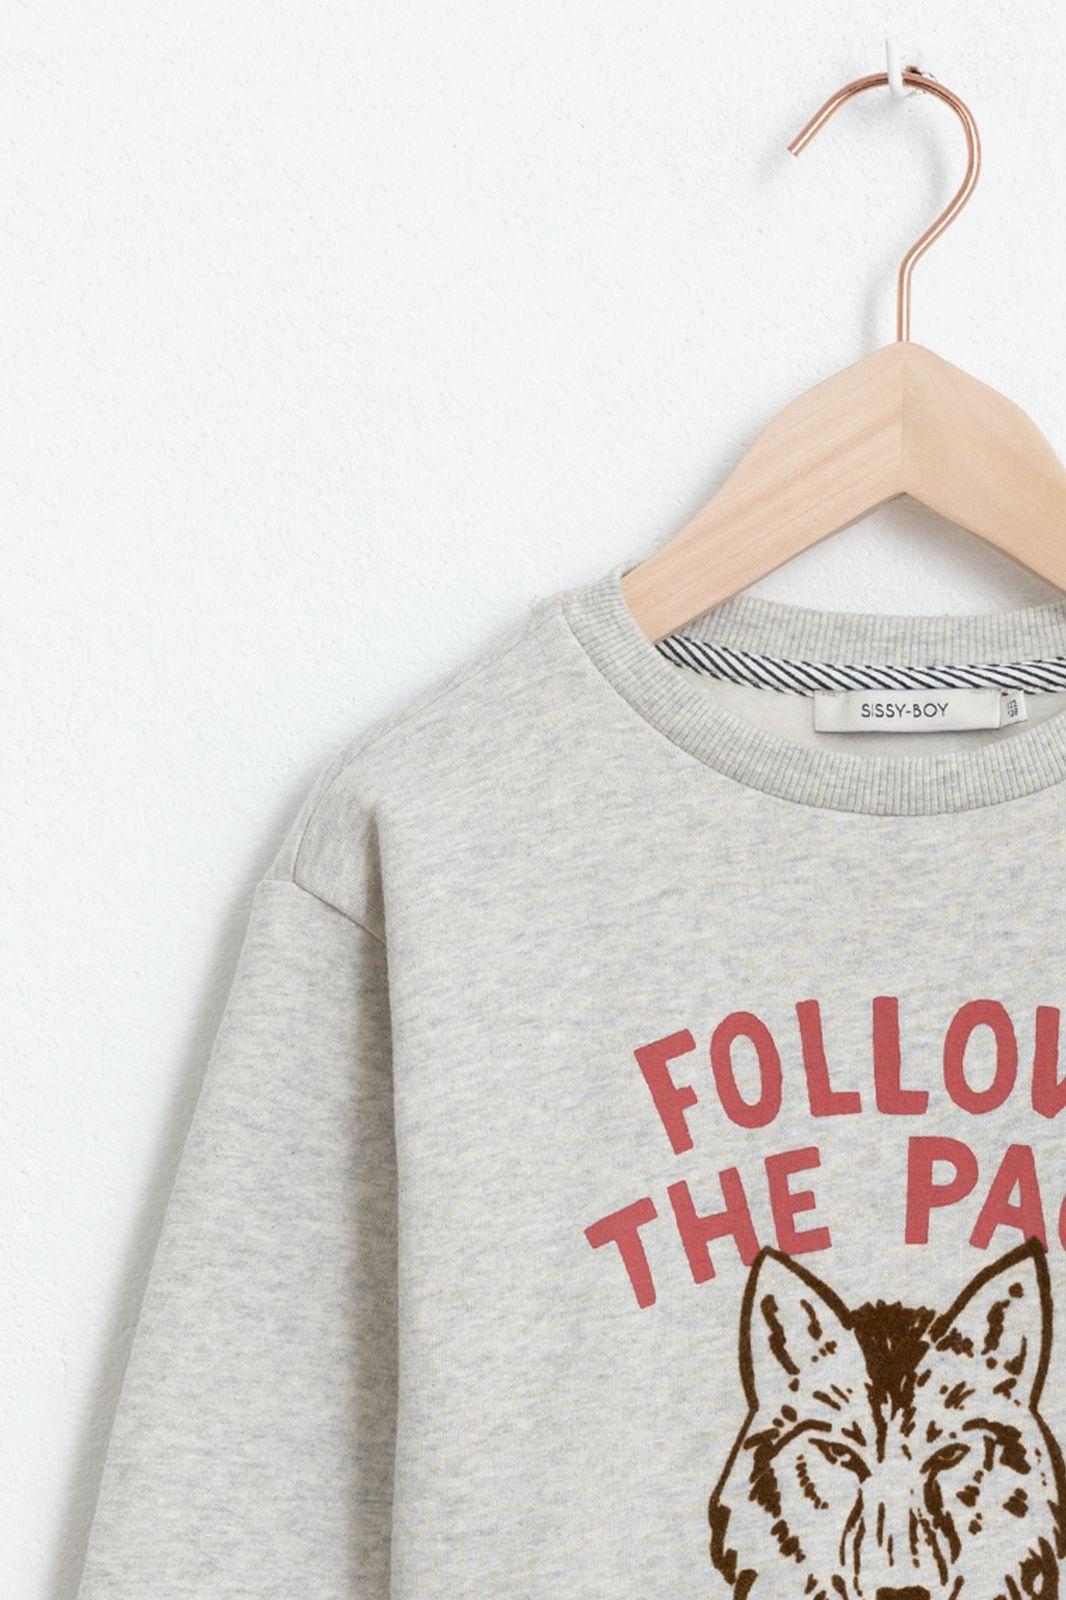 Grijze sweater met tekst en artwork